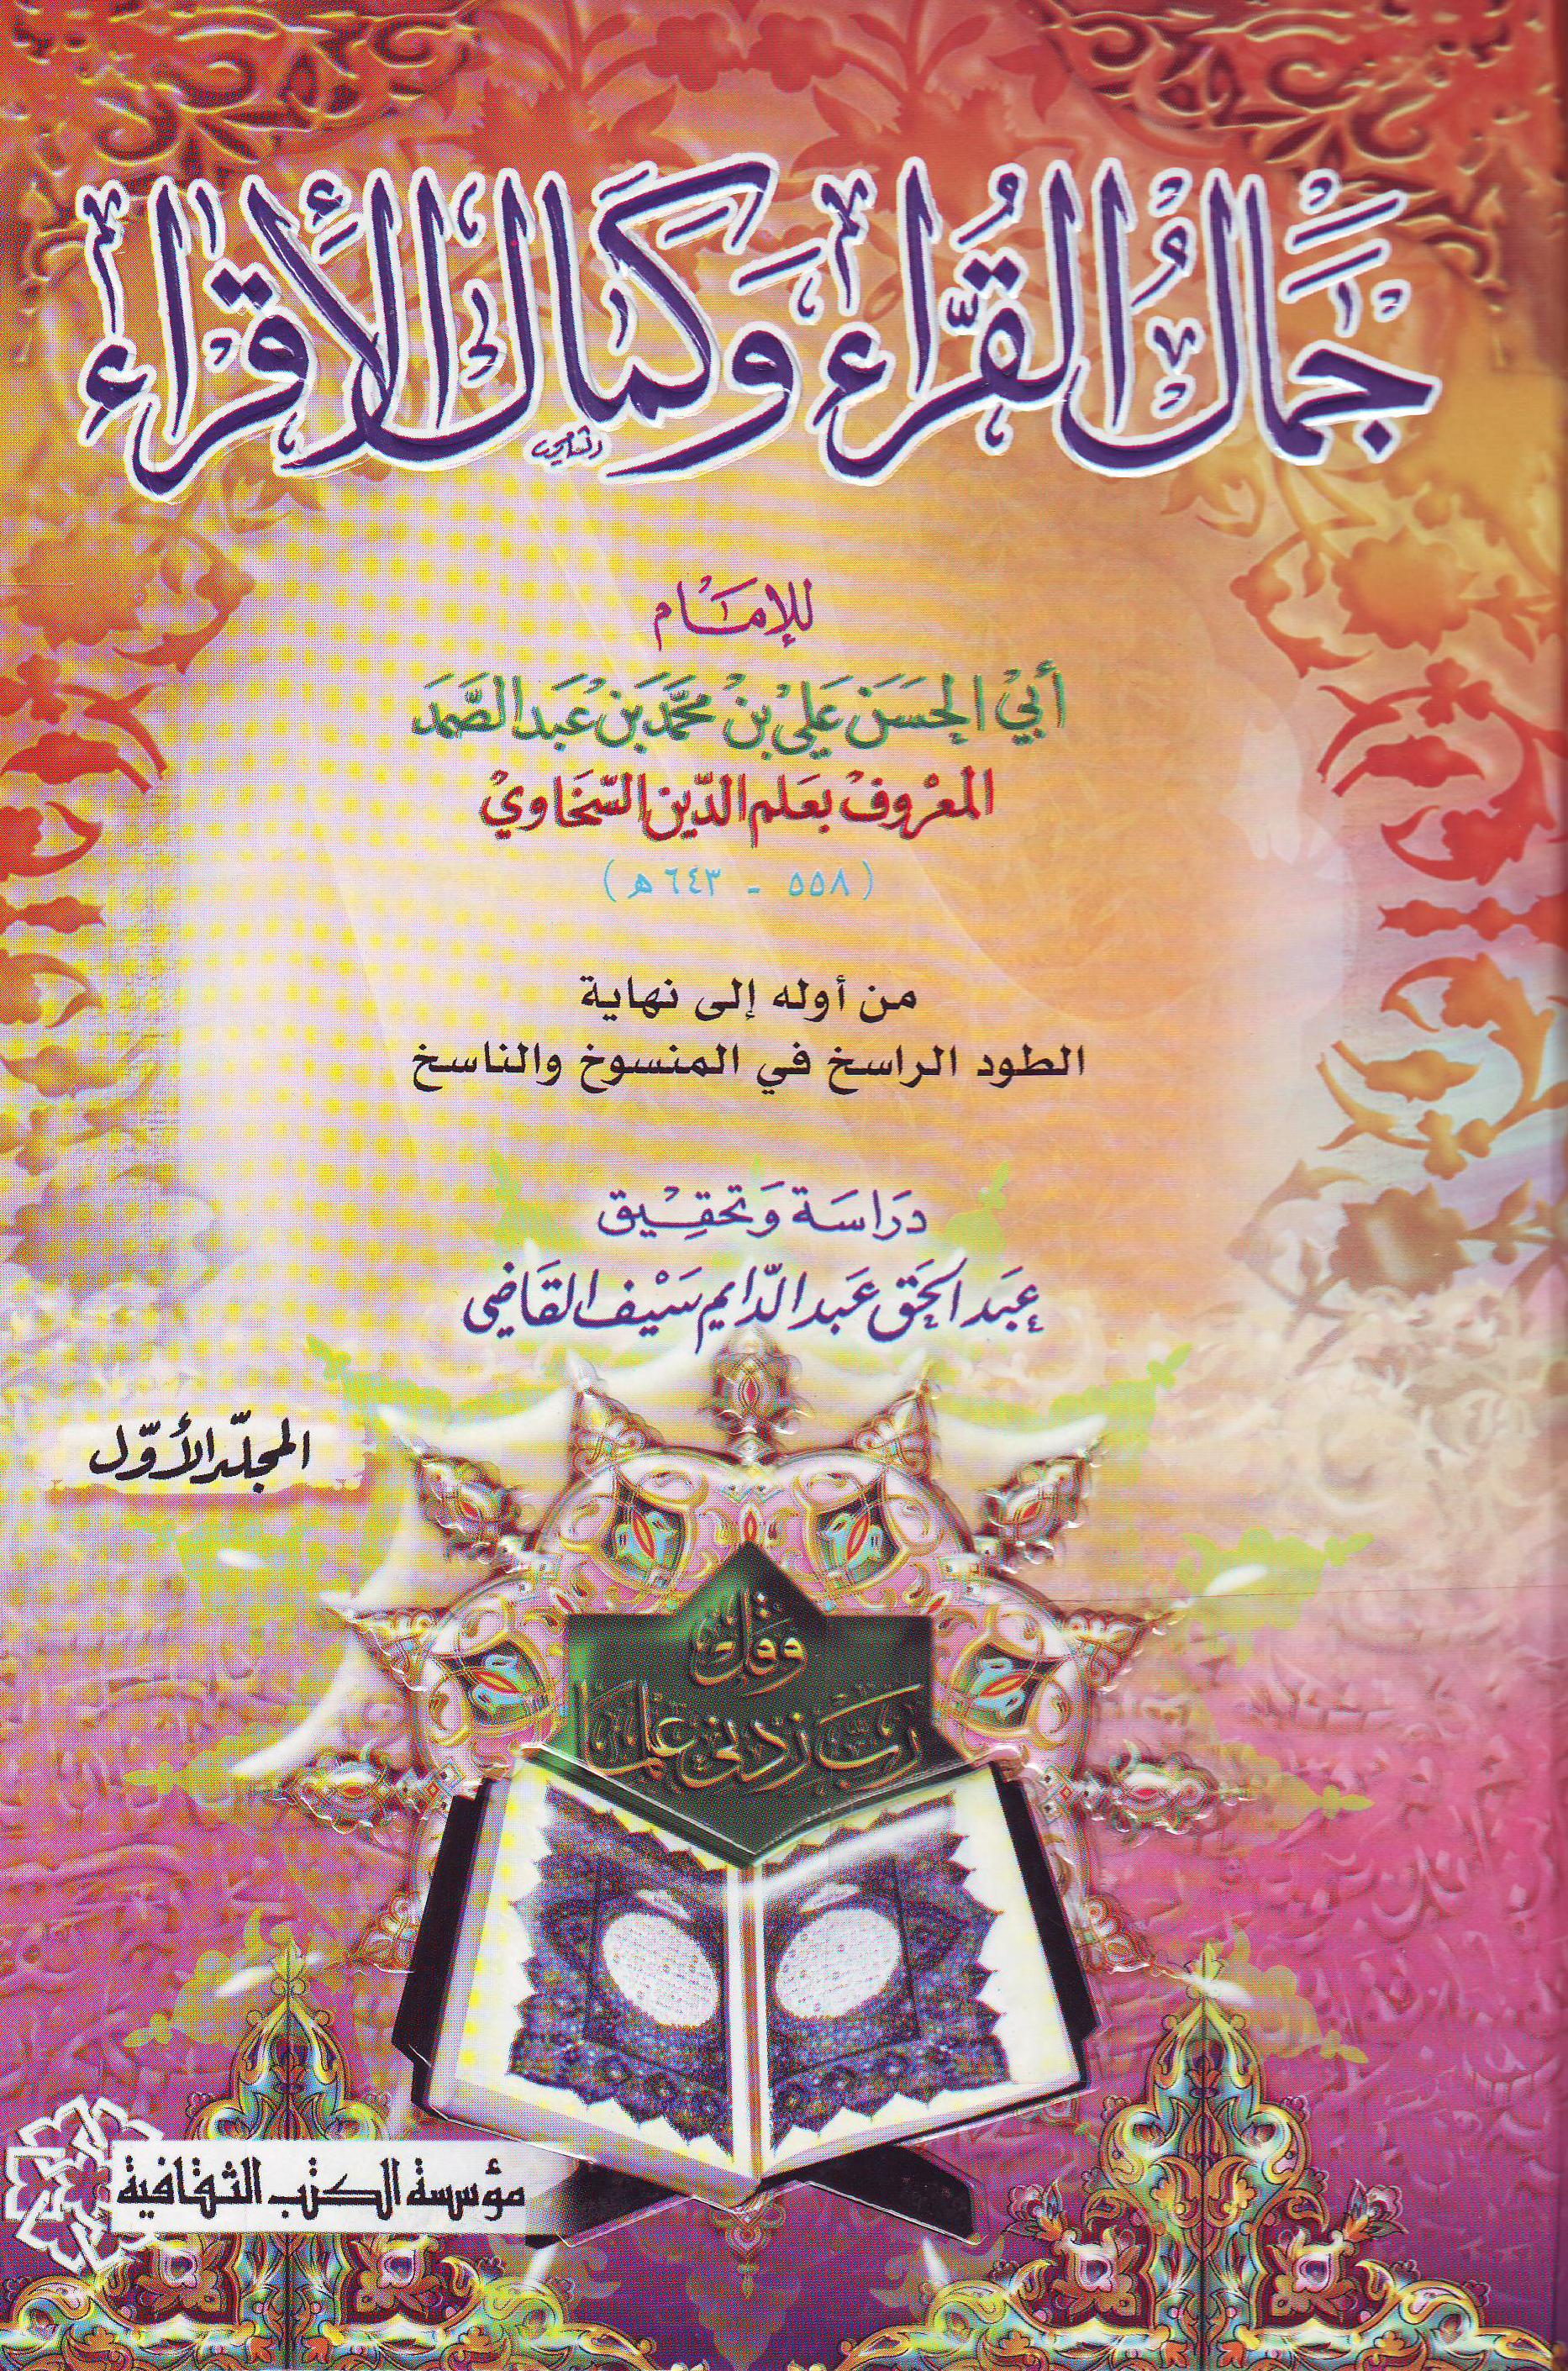 تحميل كتاب جمال القراء وكمال الإقراء (ت. عبد الحق القاضي) لـِ: الإمام أبو الحسن علم الدين علي بن محمد بن عبد الصمد السخاوي (ت 643)